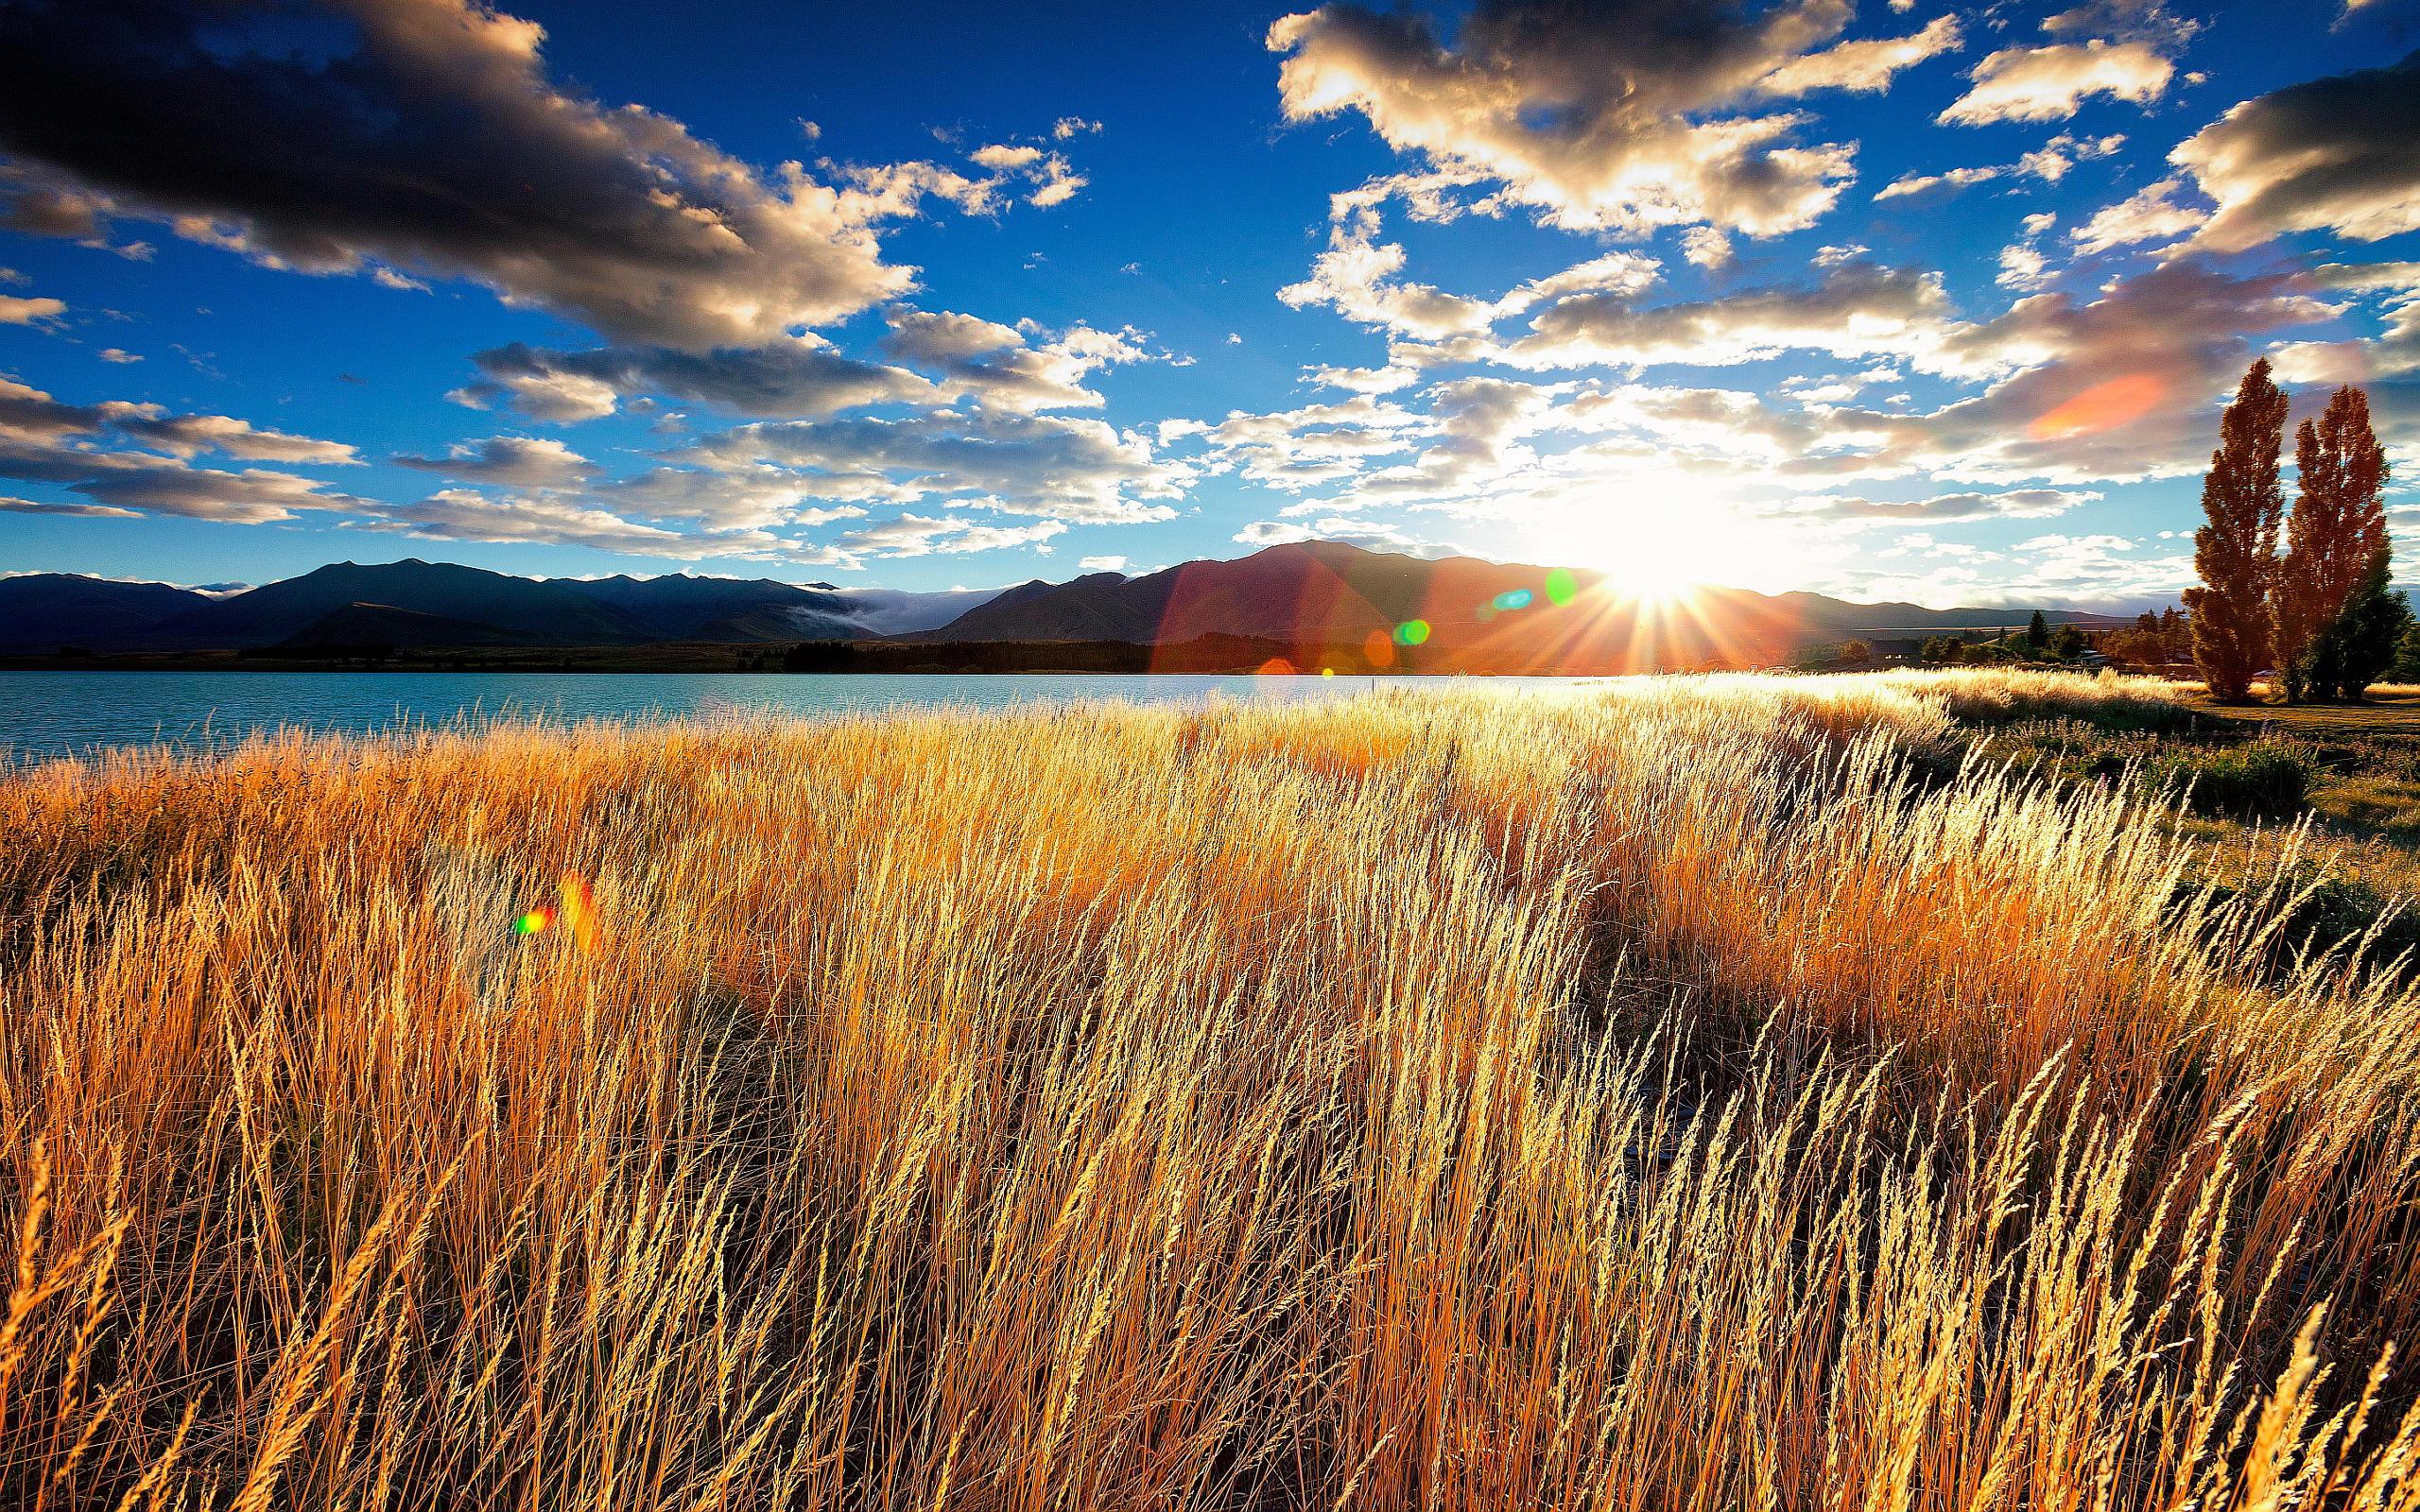 Landscape sunrise images hd desktop wallpapers 4k hd for Landscape images